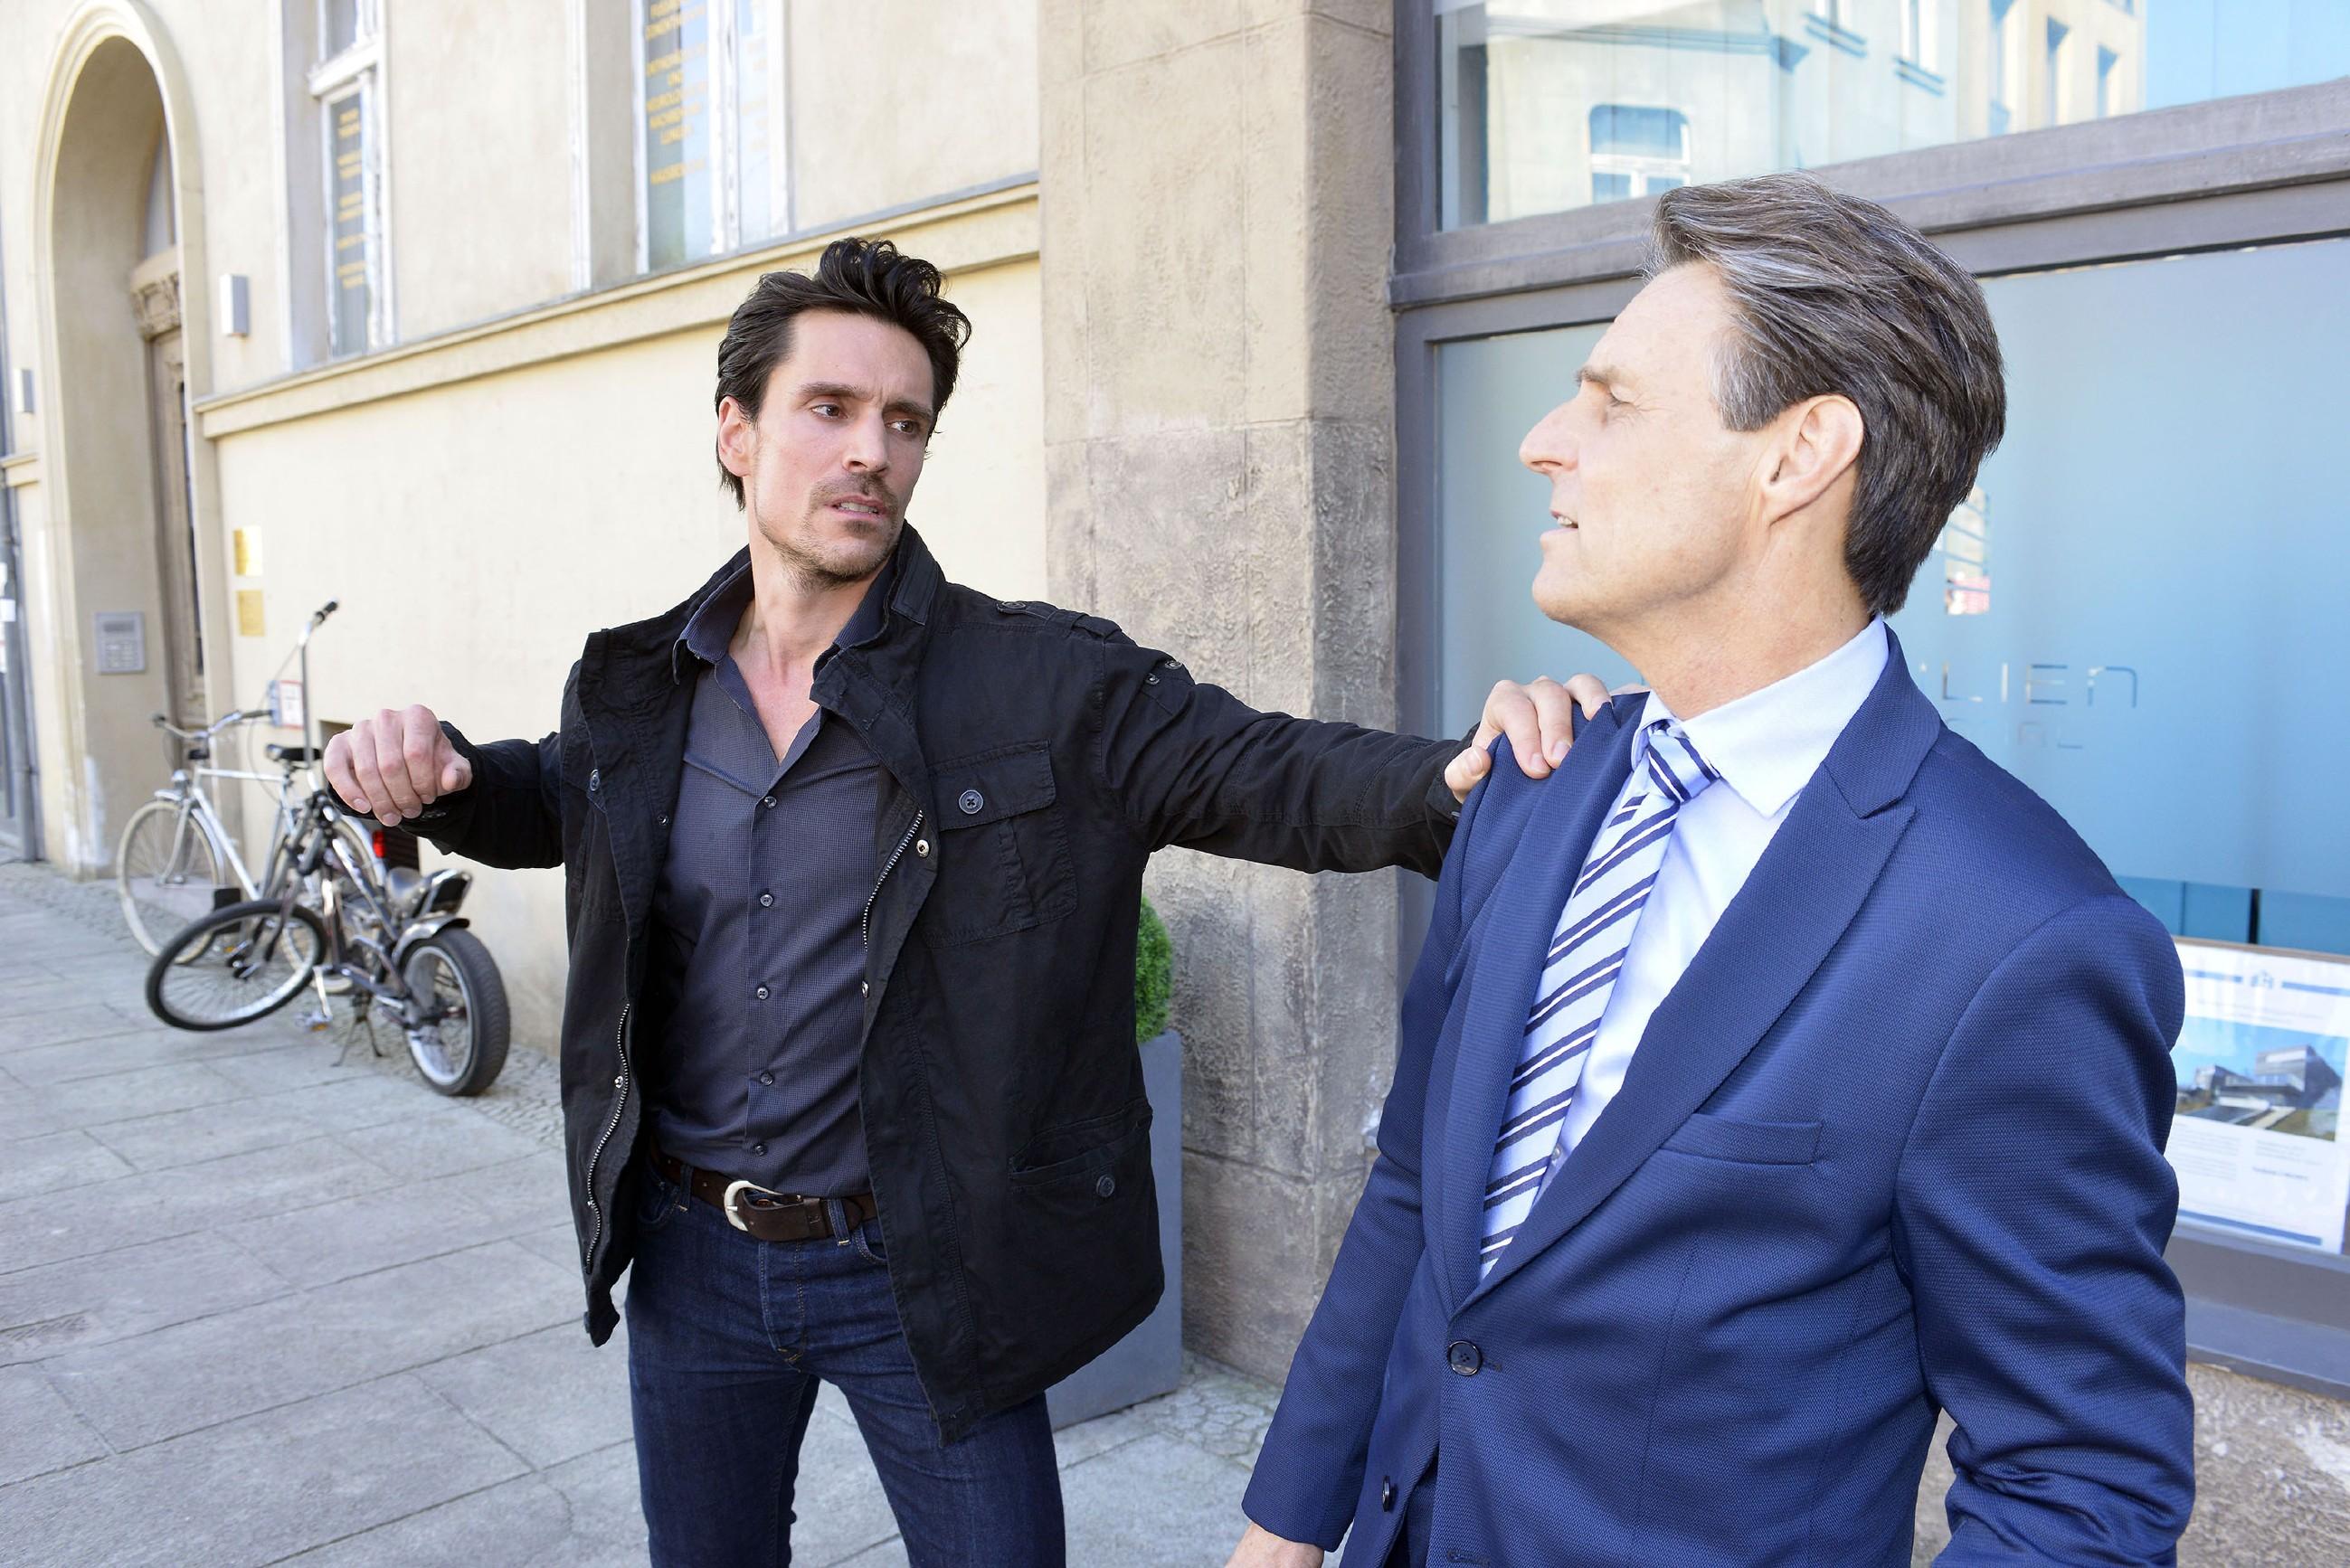 David (Philipp Christopher, l.) kann seinen Zorn auf Gerner (Wolfgang Bahro) nicht mehr zurückhalten und geht auf ihn los... (Quelle: RTL / Rolf Baumgartner)